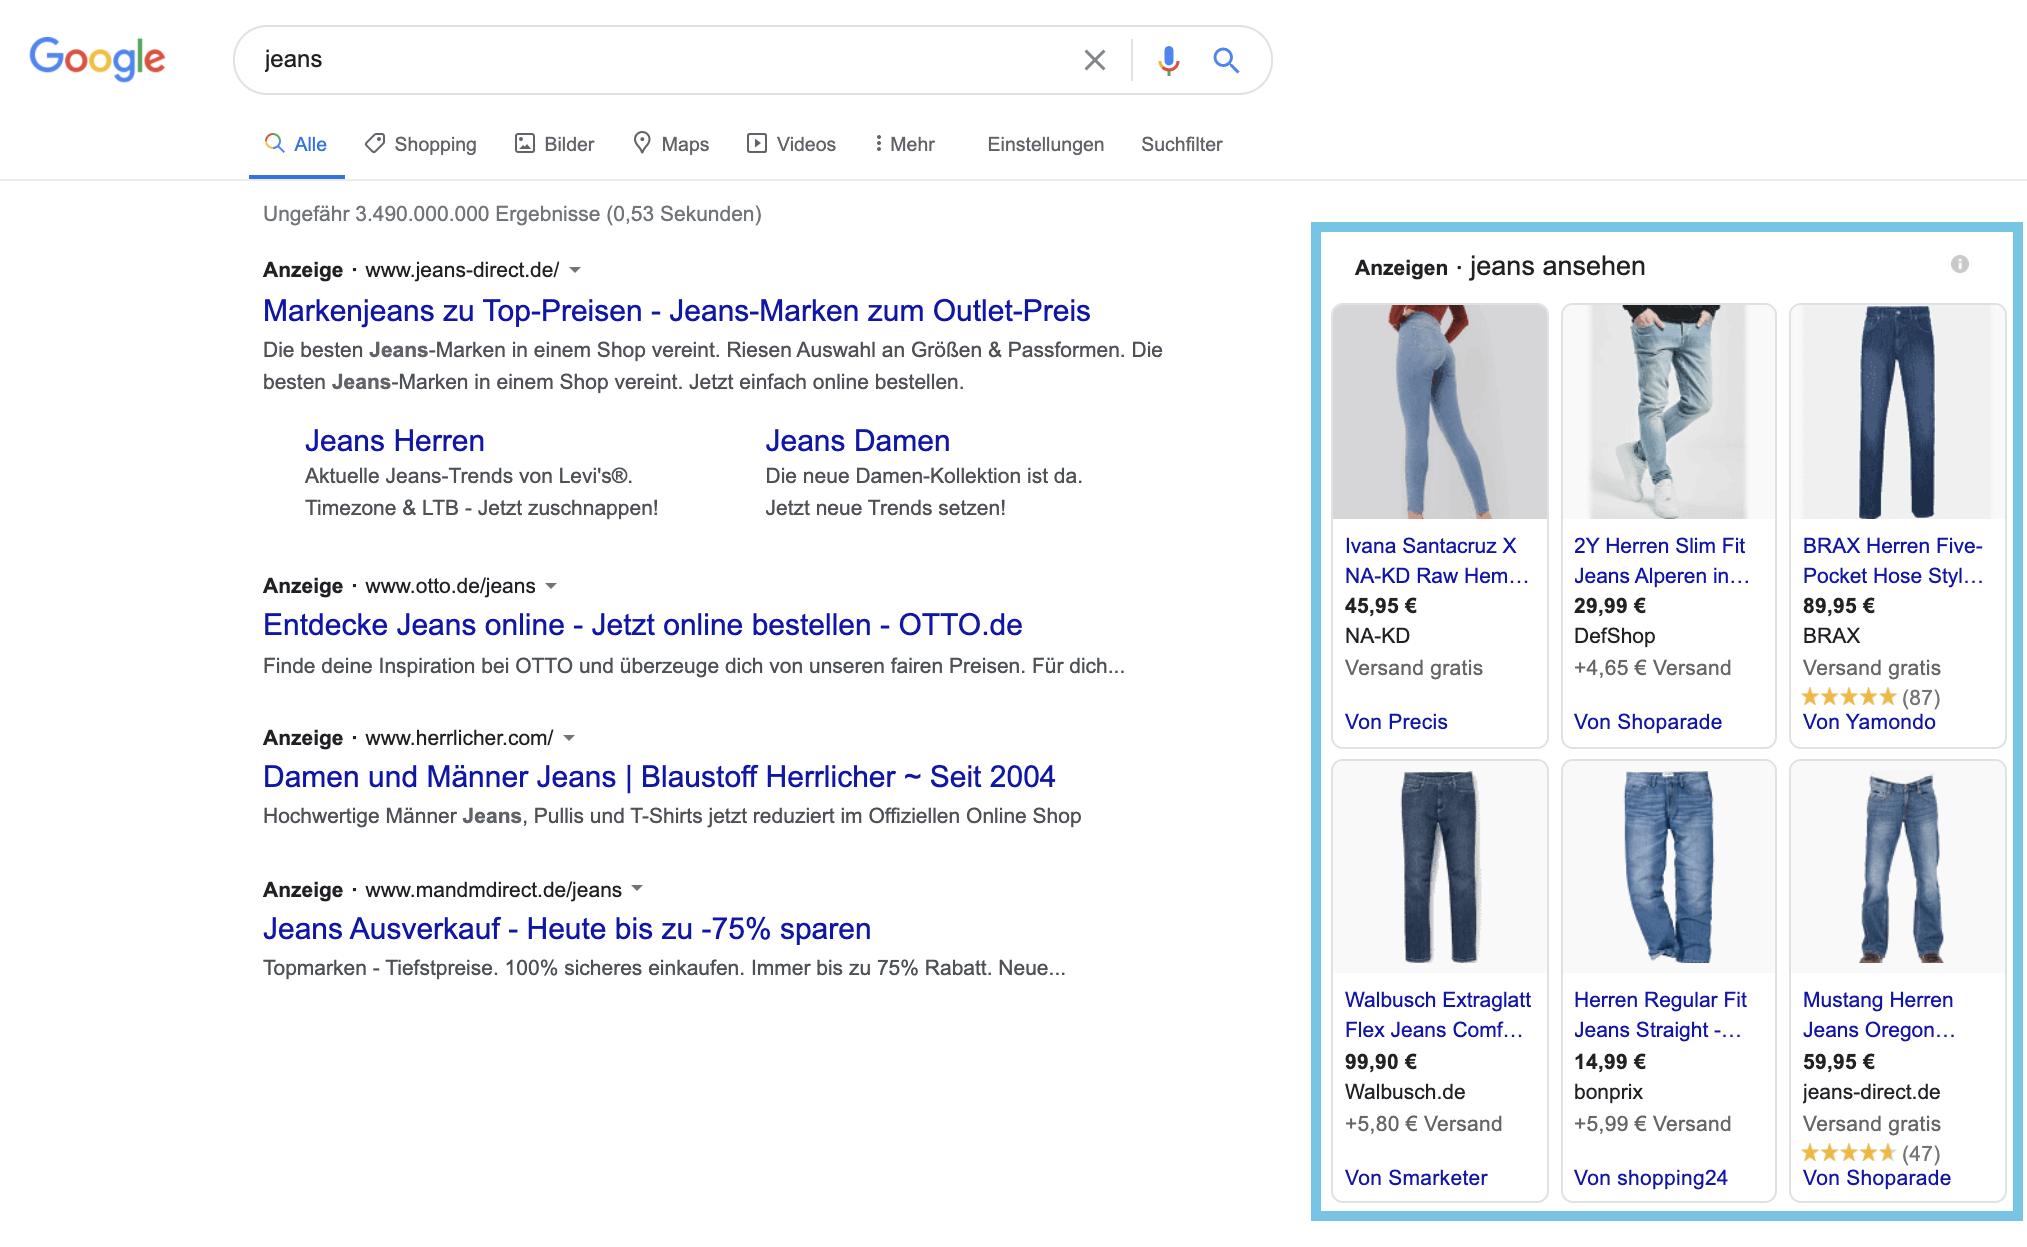 Auf der Suchergebnisseite findest Du rechts neben den Textanzeigen die Shopping-Anzeigen